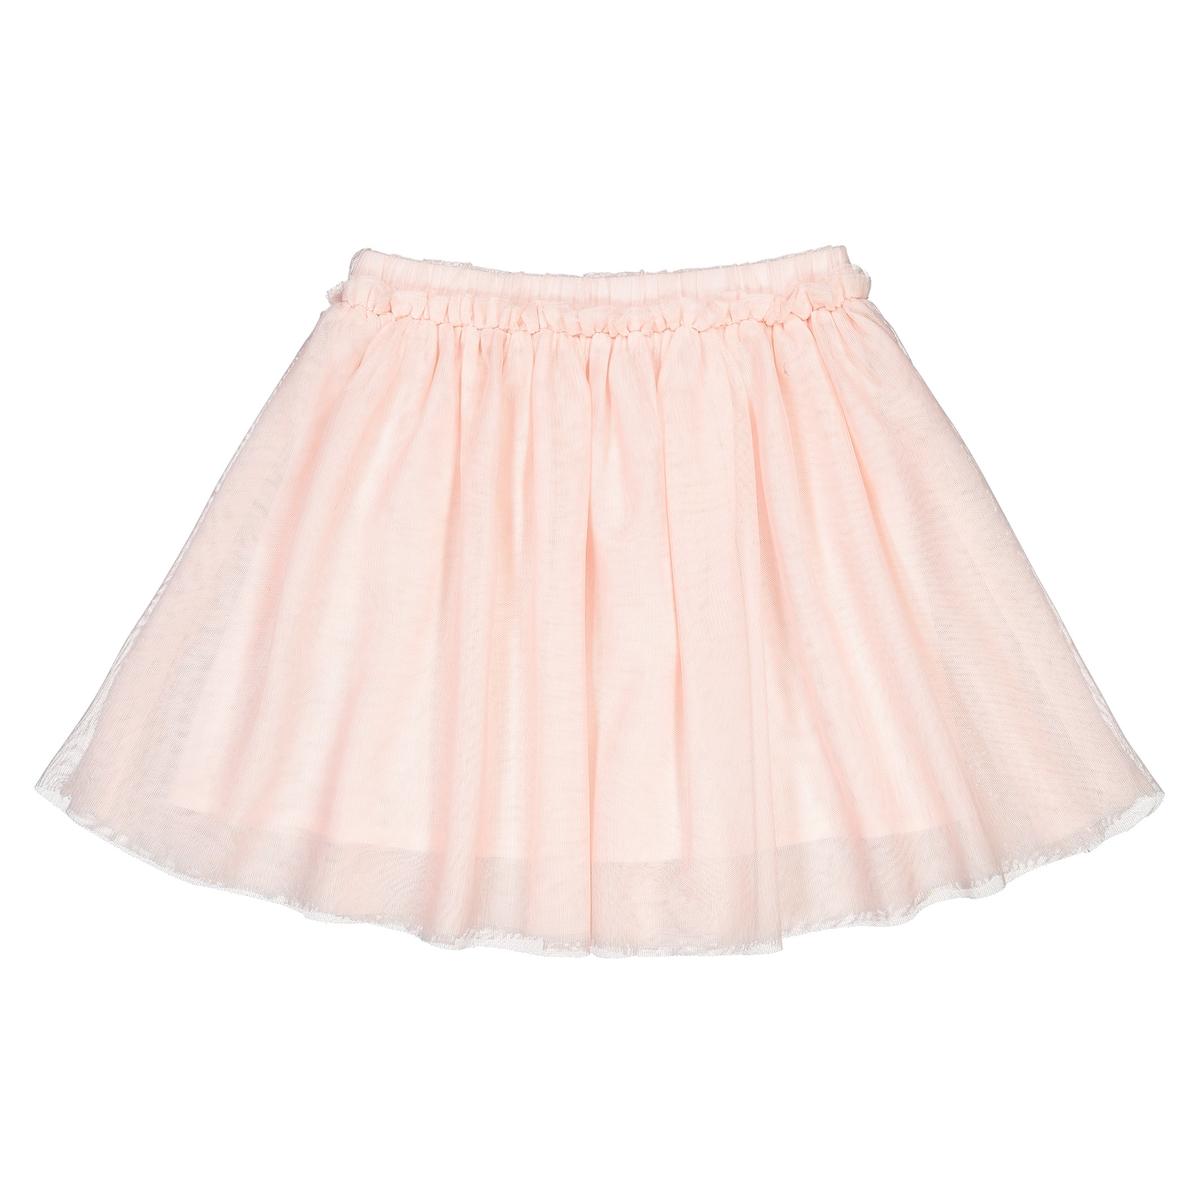 Юбка La Redoute Из тюля с блестками 3-12 лет 3 года - 94 см розовый